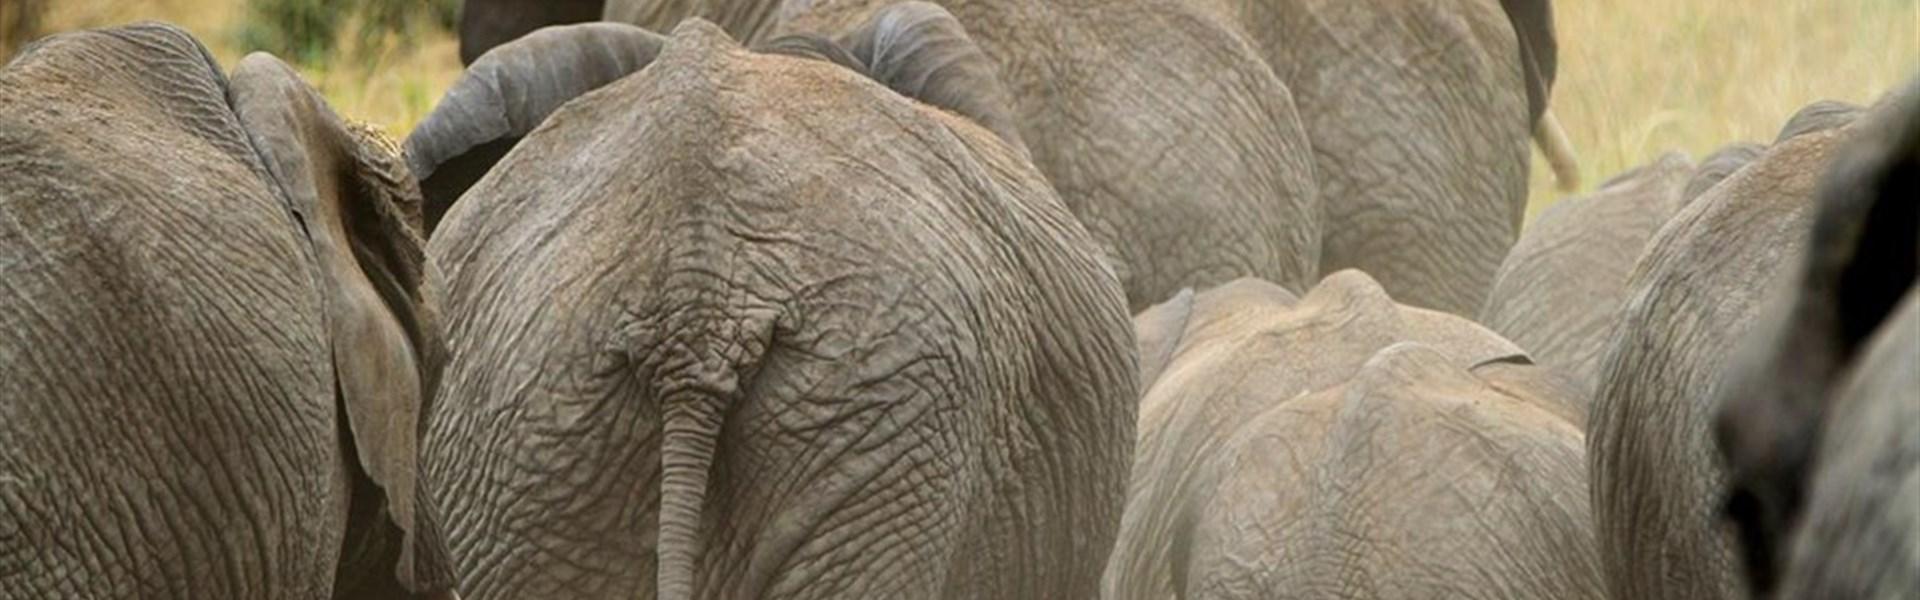 Safari v Tsavo West a pobyt u moře - 3 noci safari a 7 nocí moře. -